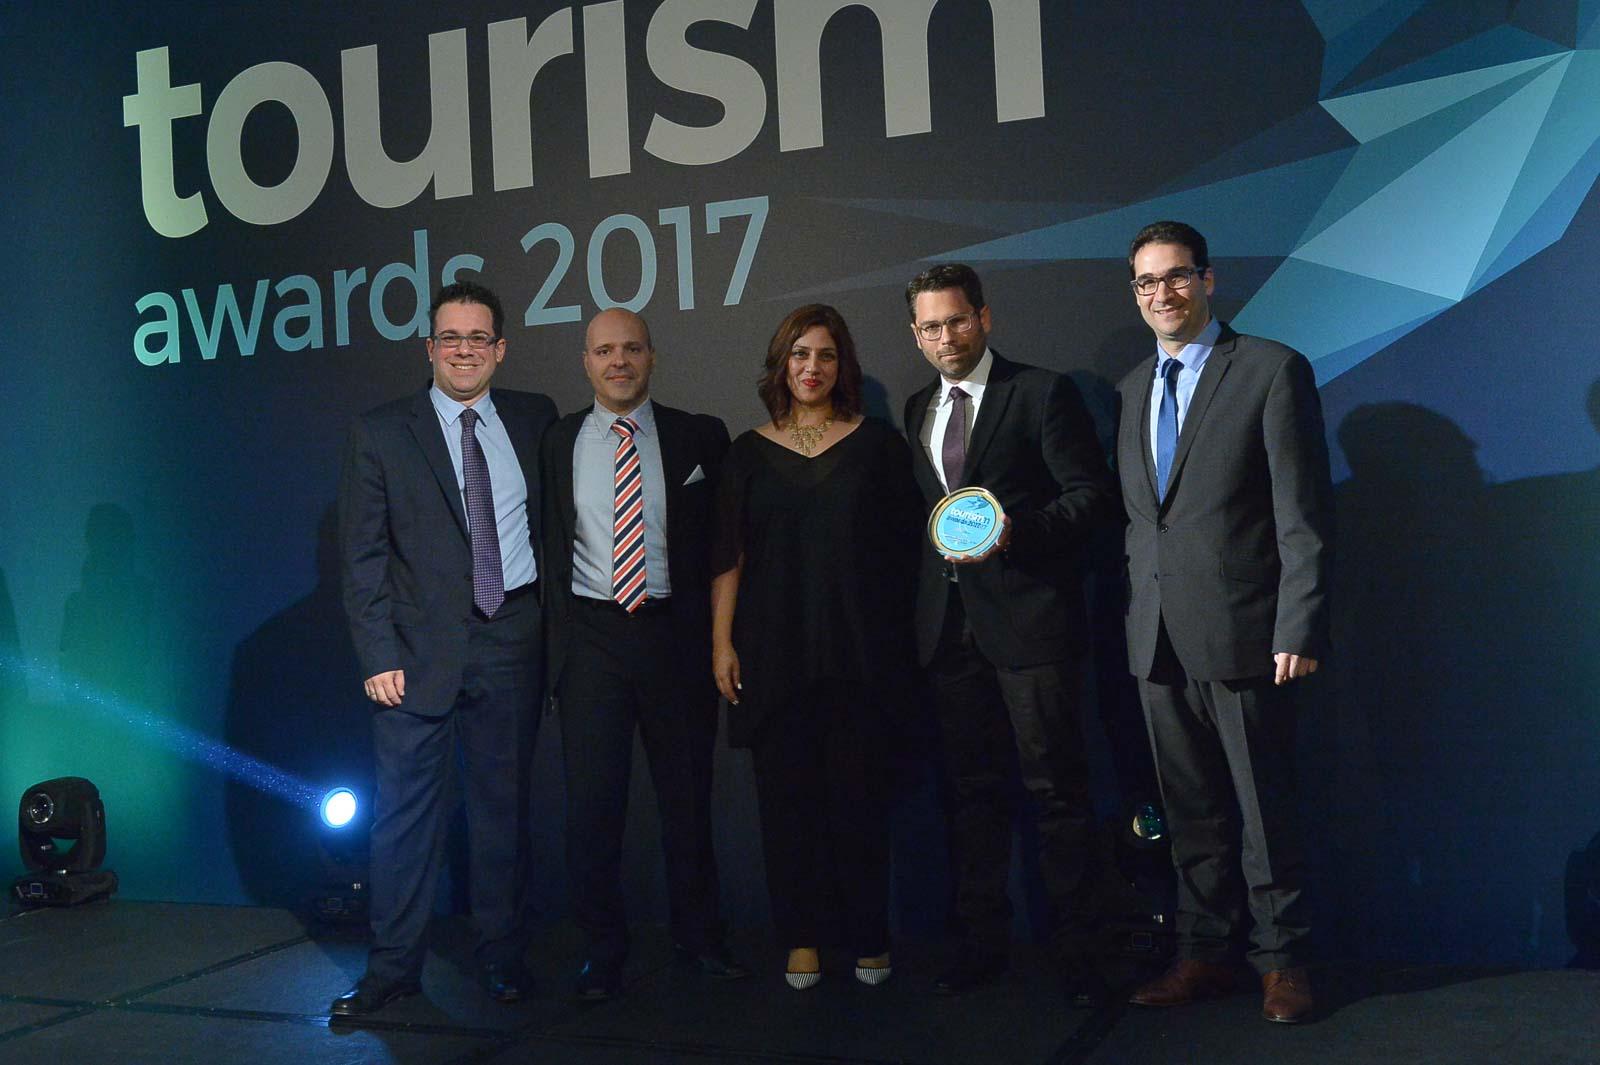 Tourism Awards 2017 - Aqua Vista Hotels